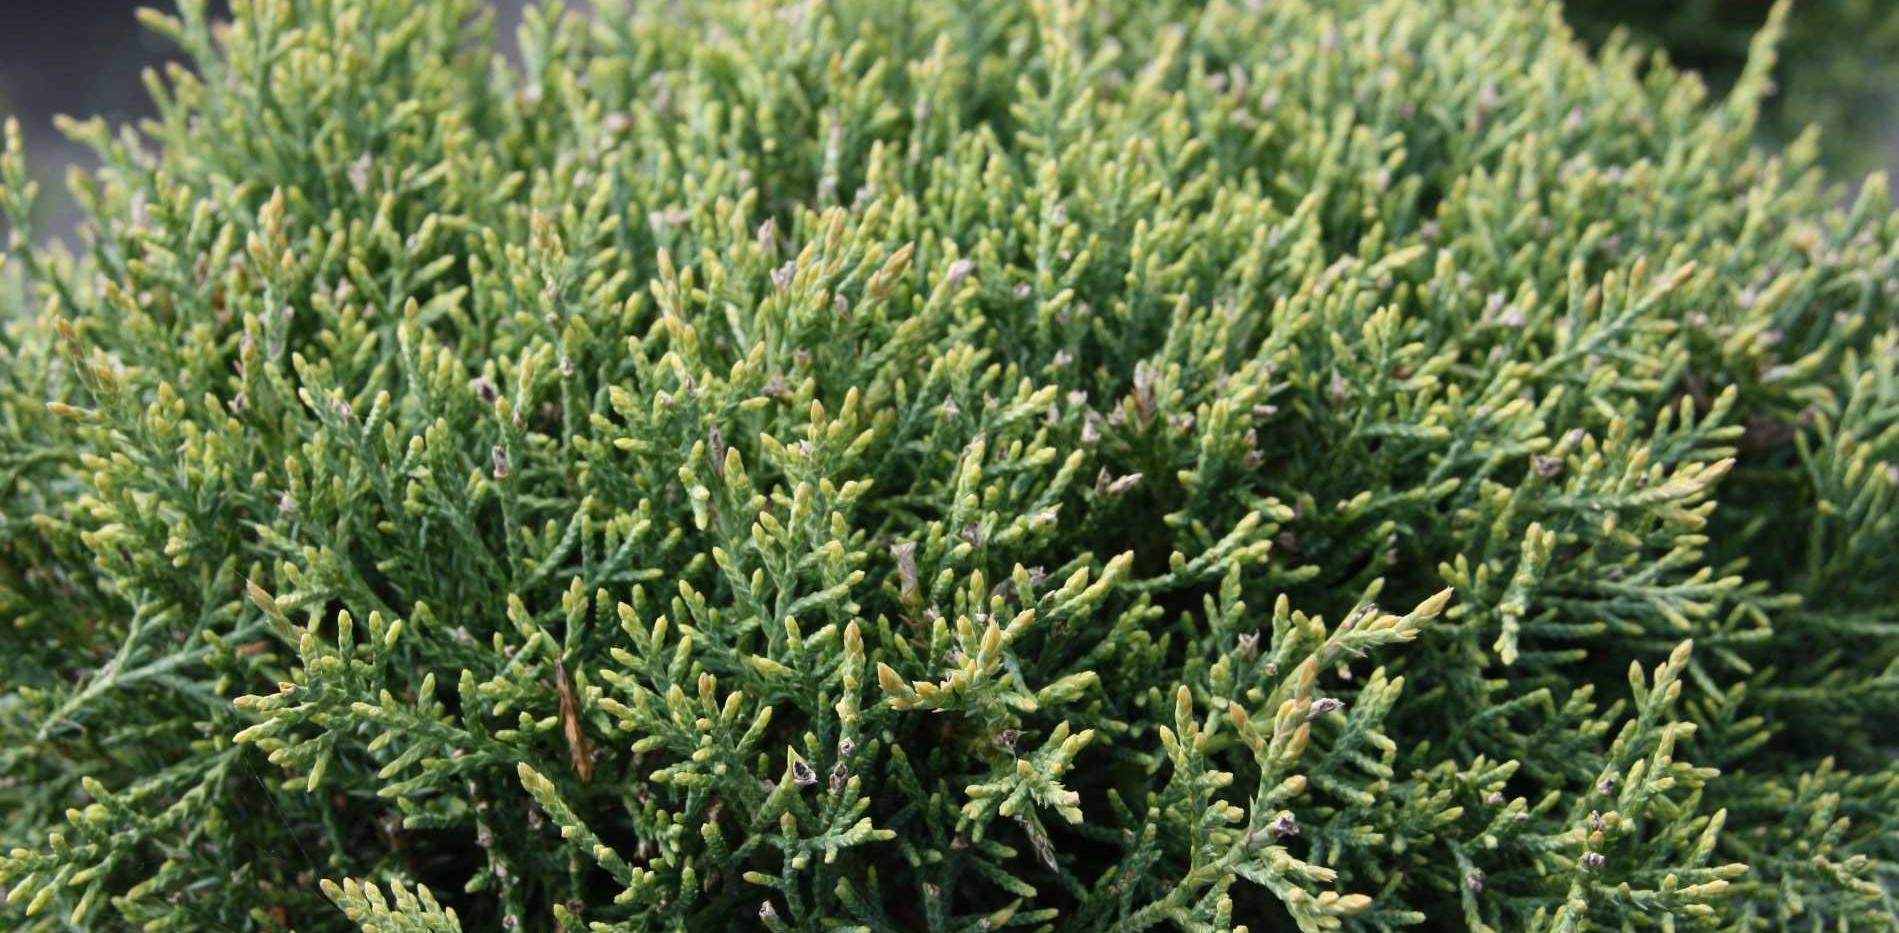 Juniperus virg hetzii bons_2.jpg